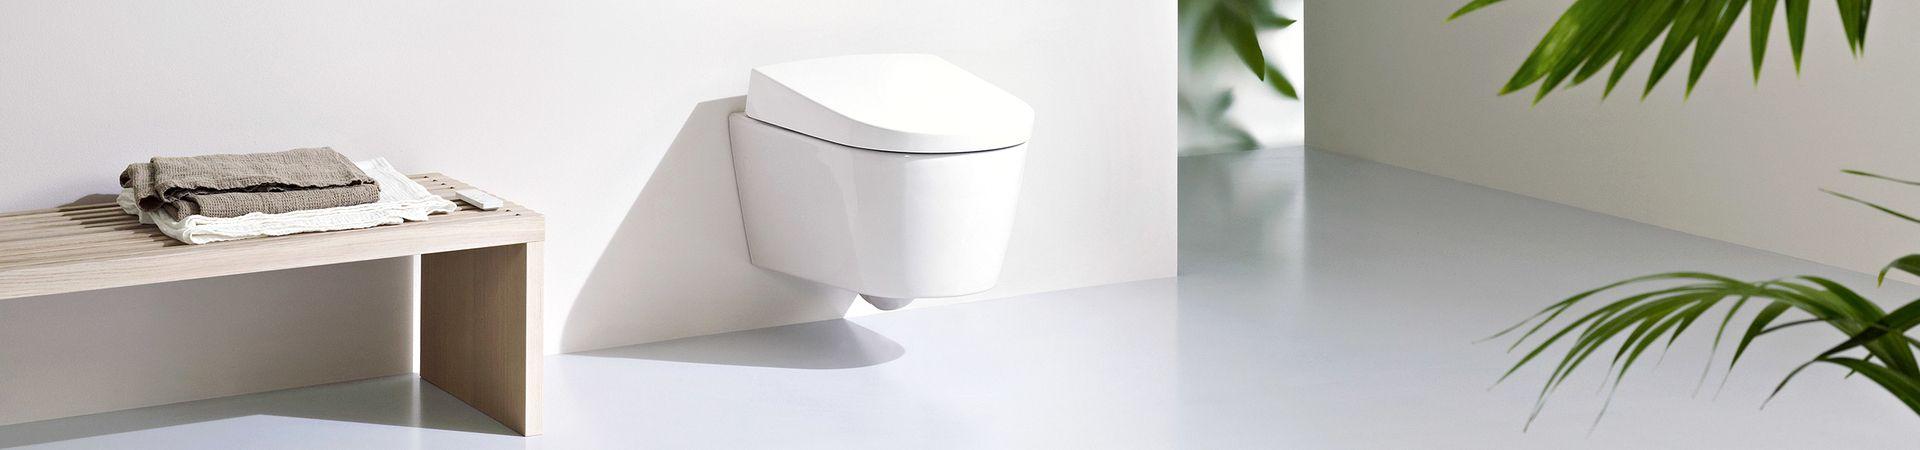 Het toilet schoonmaken? Zo doe je dat - Het toilet schoonmaken? Zo doe je dat